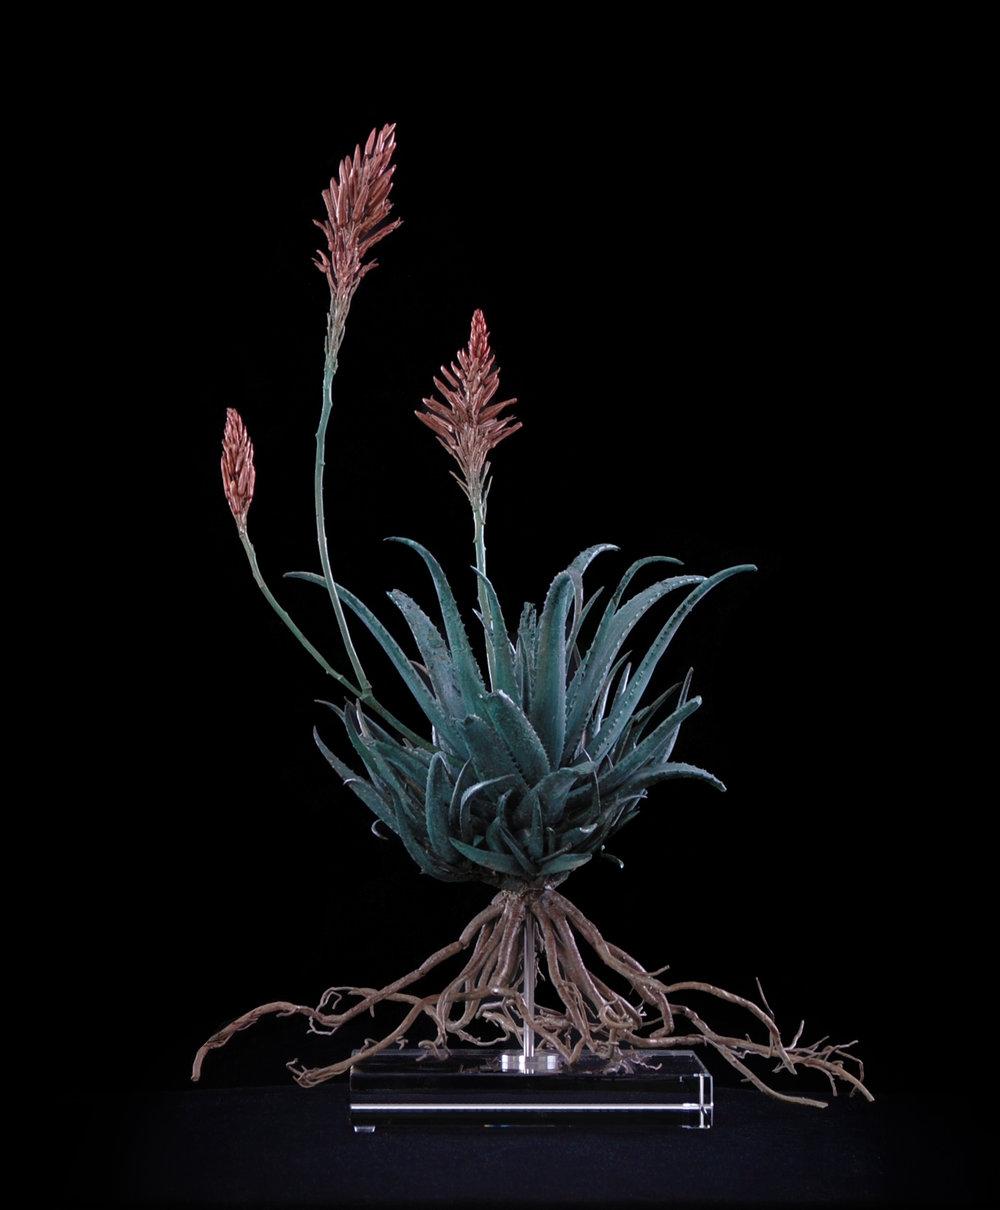 <i>Aloe hybrid x</i>